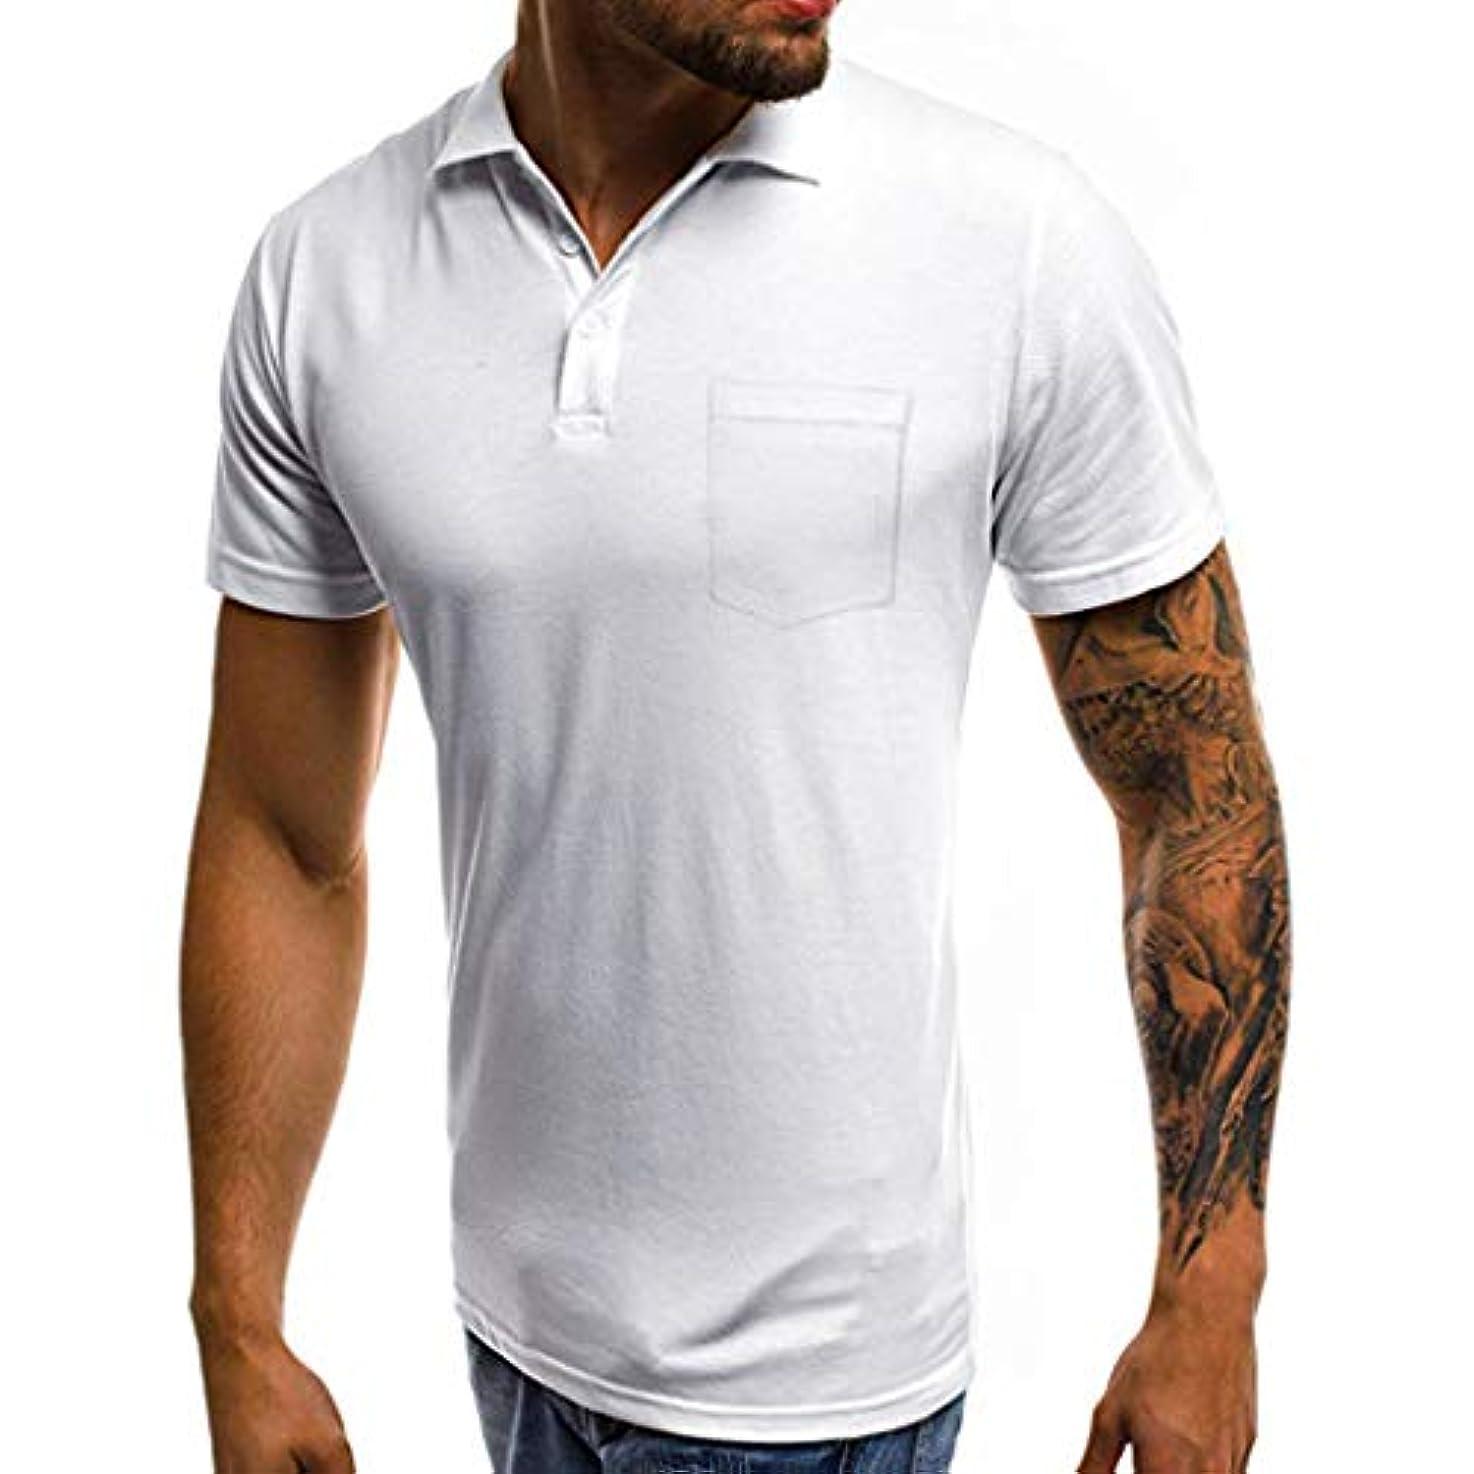 争う負荷私GINNTOKI tシャツ メンズ カジュアル スリム 半袖 ポケット ボタンTシャツ トップ ブラウス ラペルポケット半袖 キャップなし ファッションメンズ (ホワイト, M)